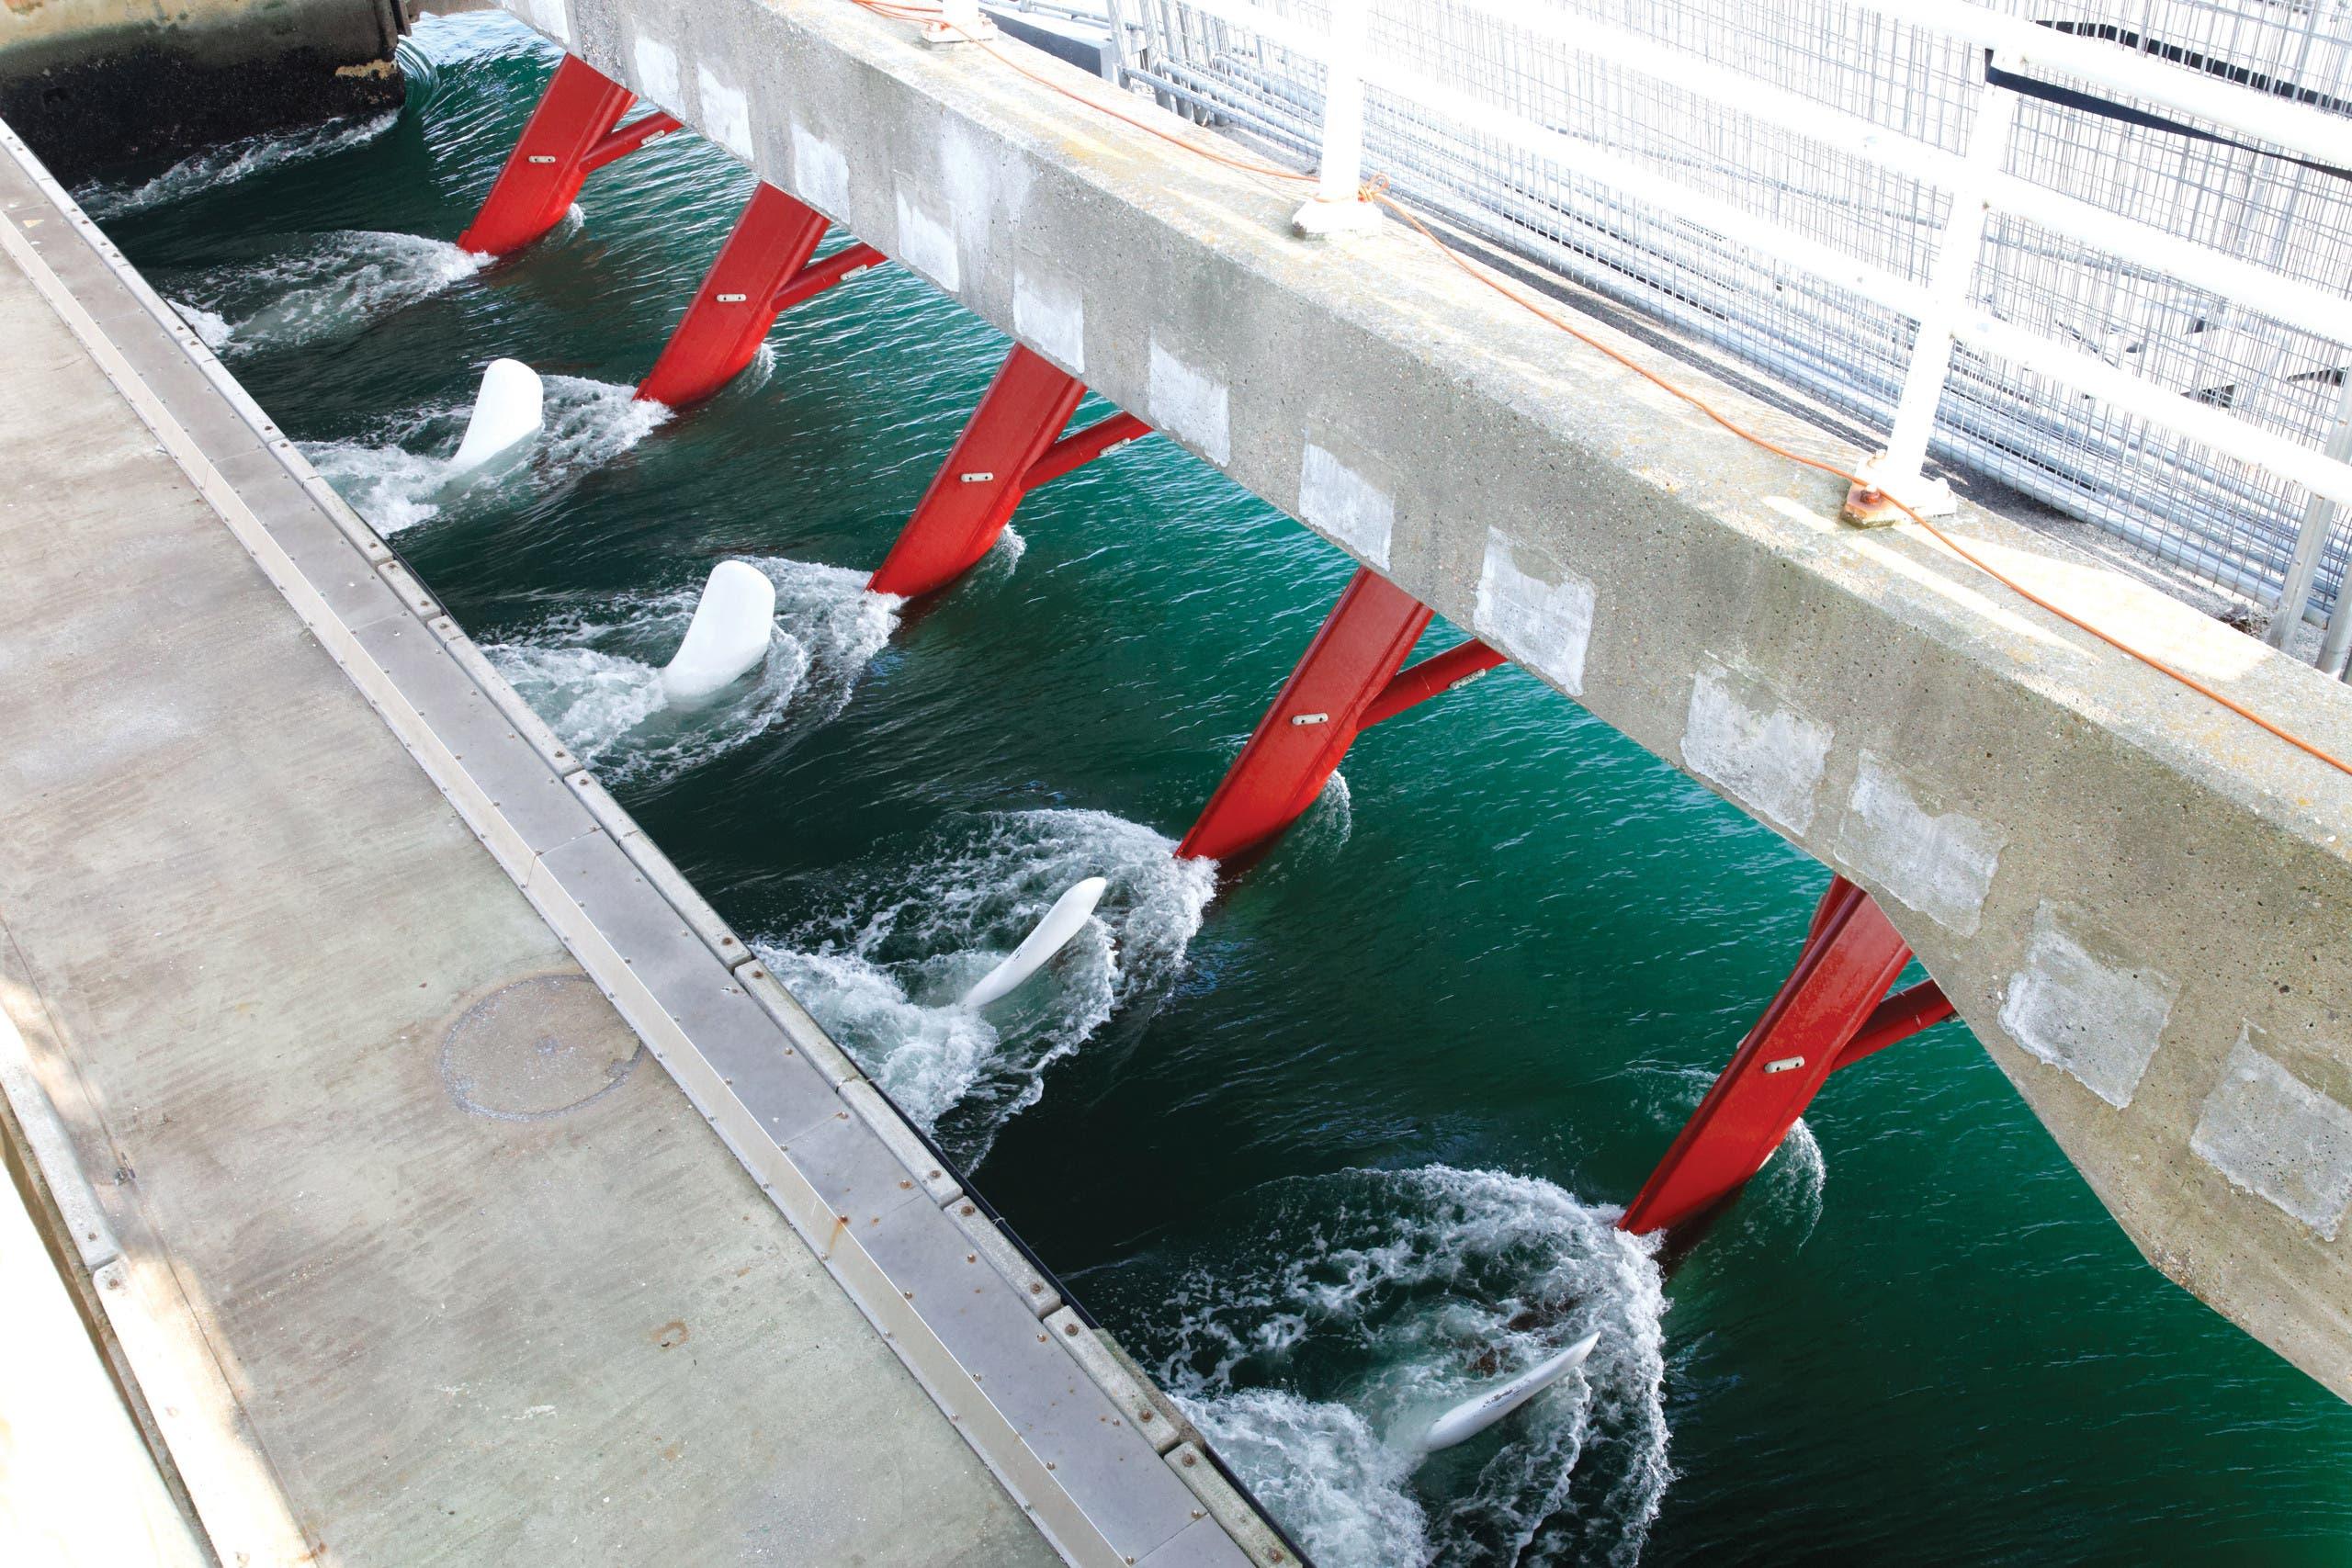 توربينات تُستخدم لاستخراج الطاقة من تيار المد والجزر